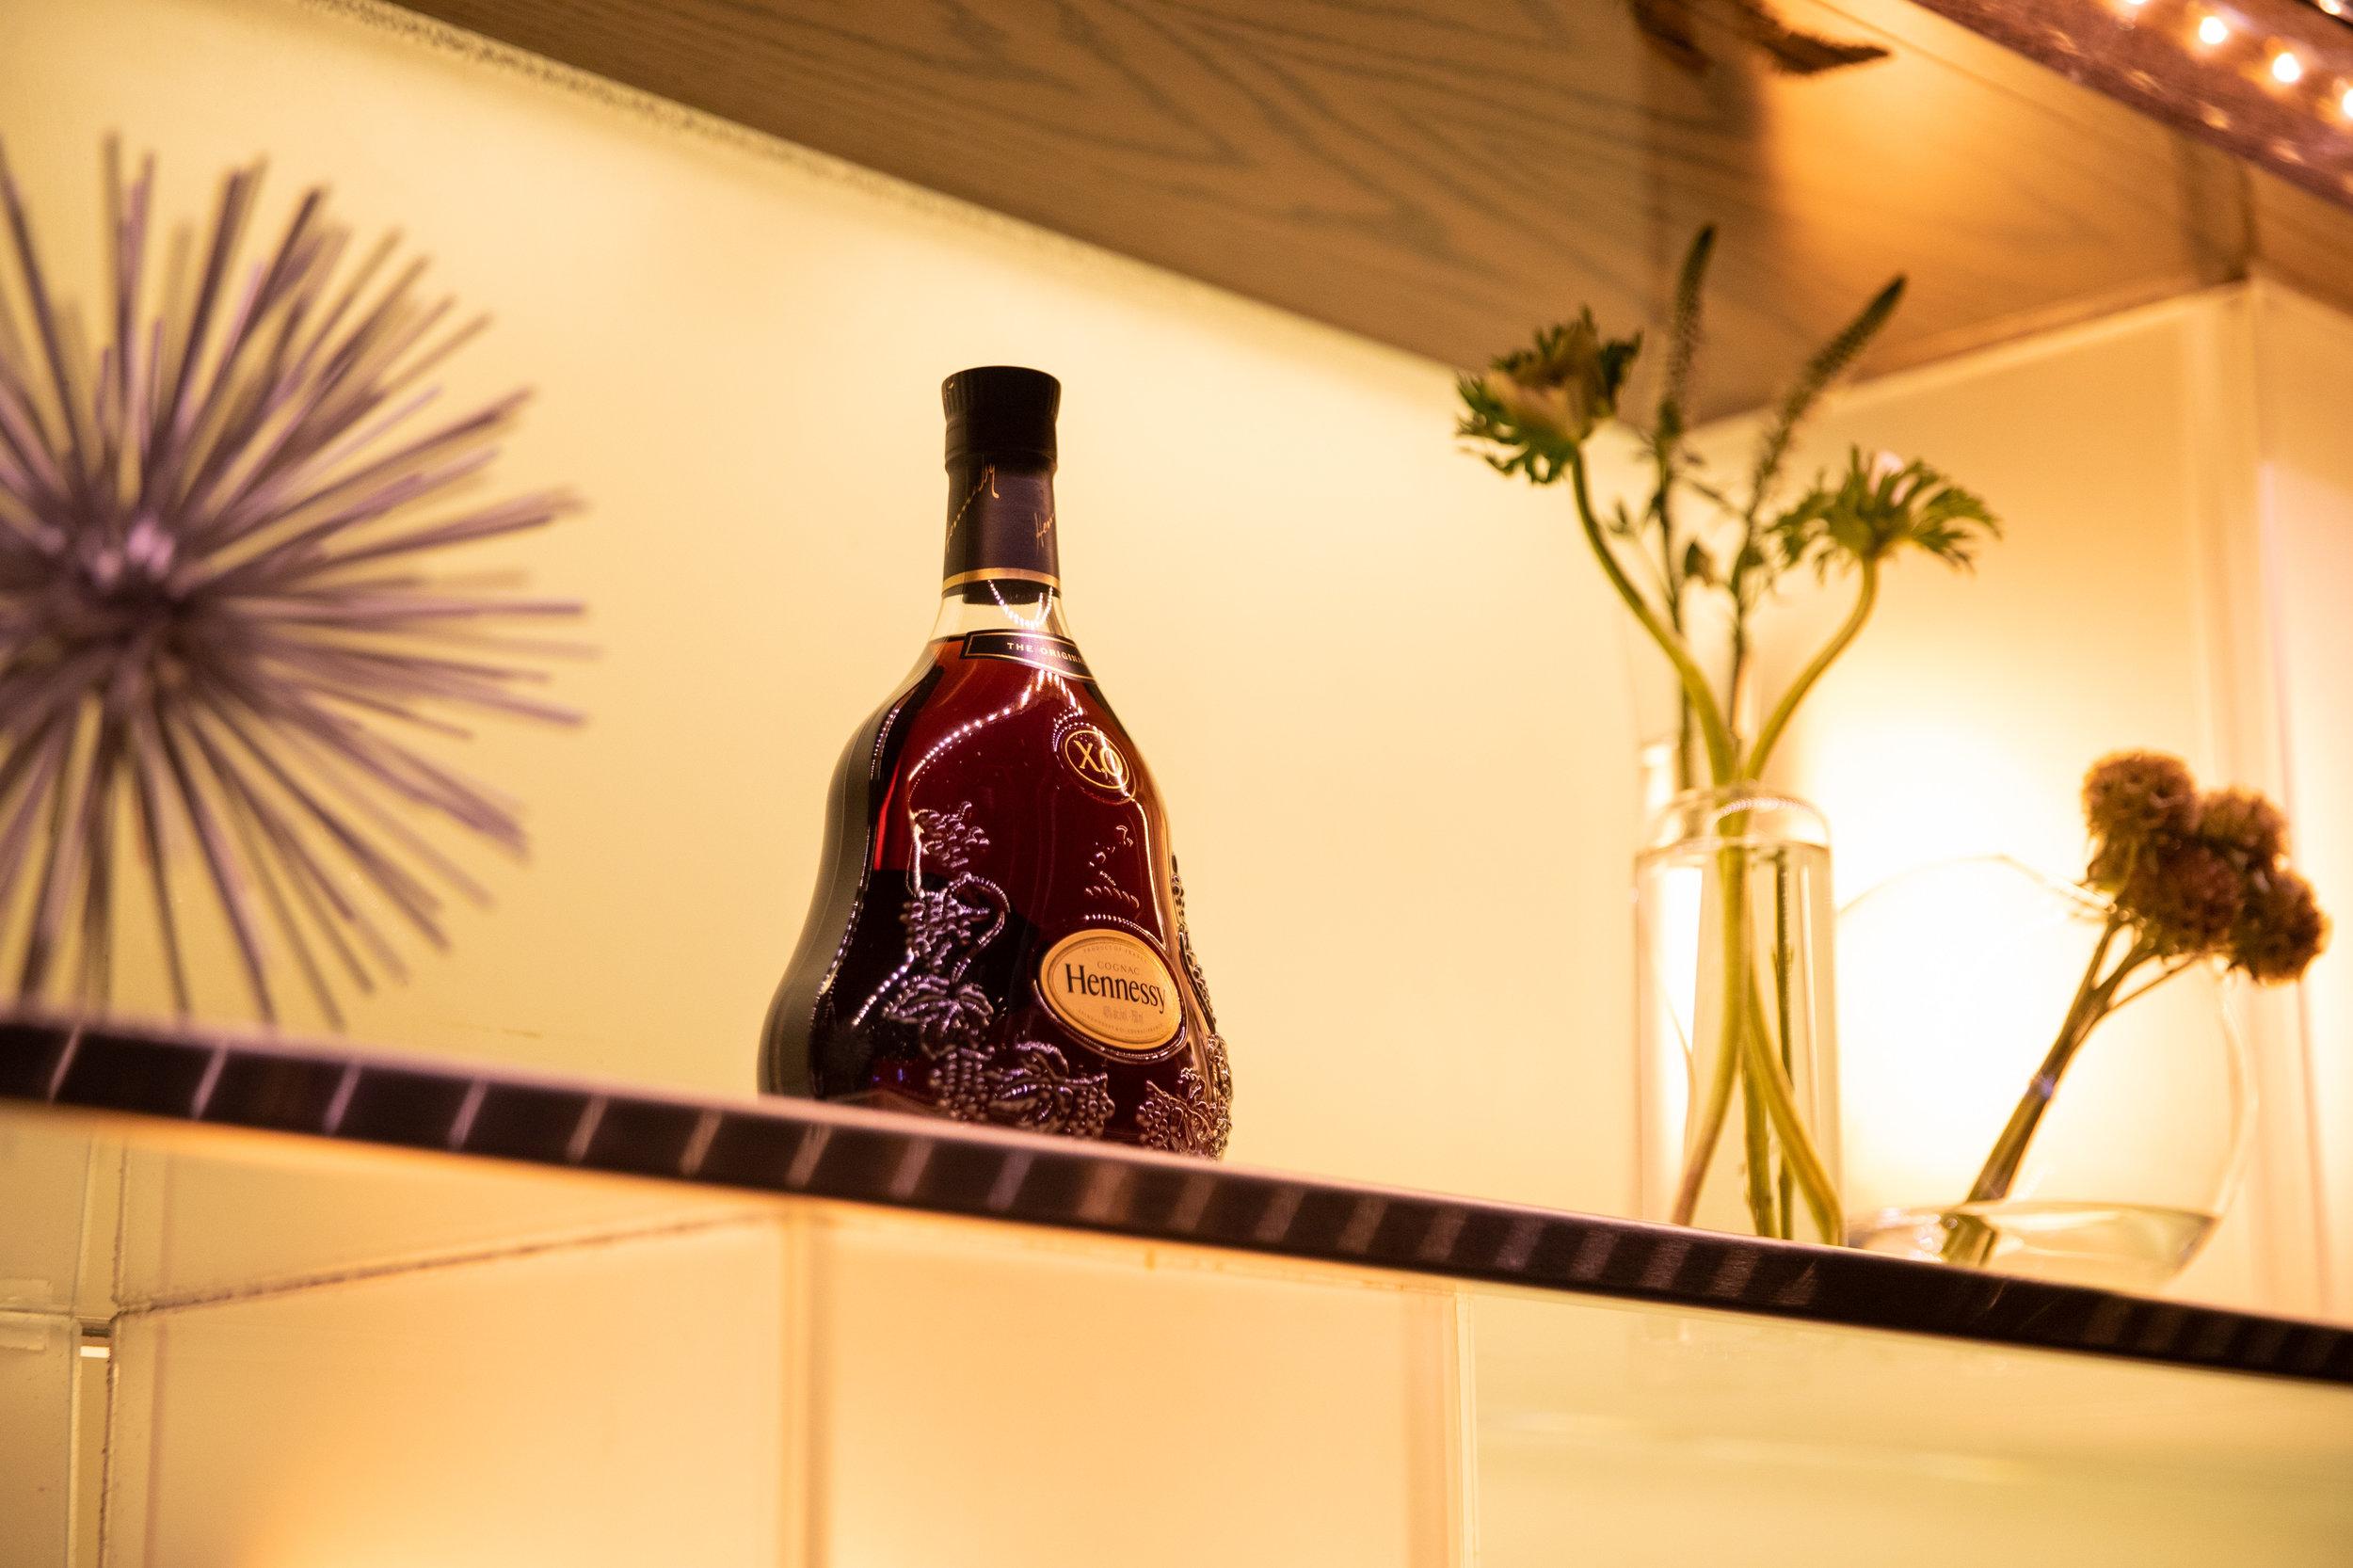 9.13.2018 Hennessy-338.JPG